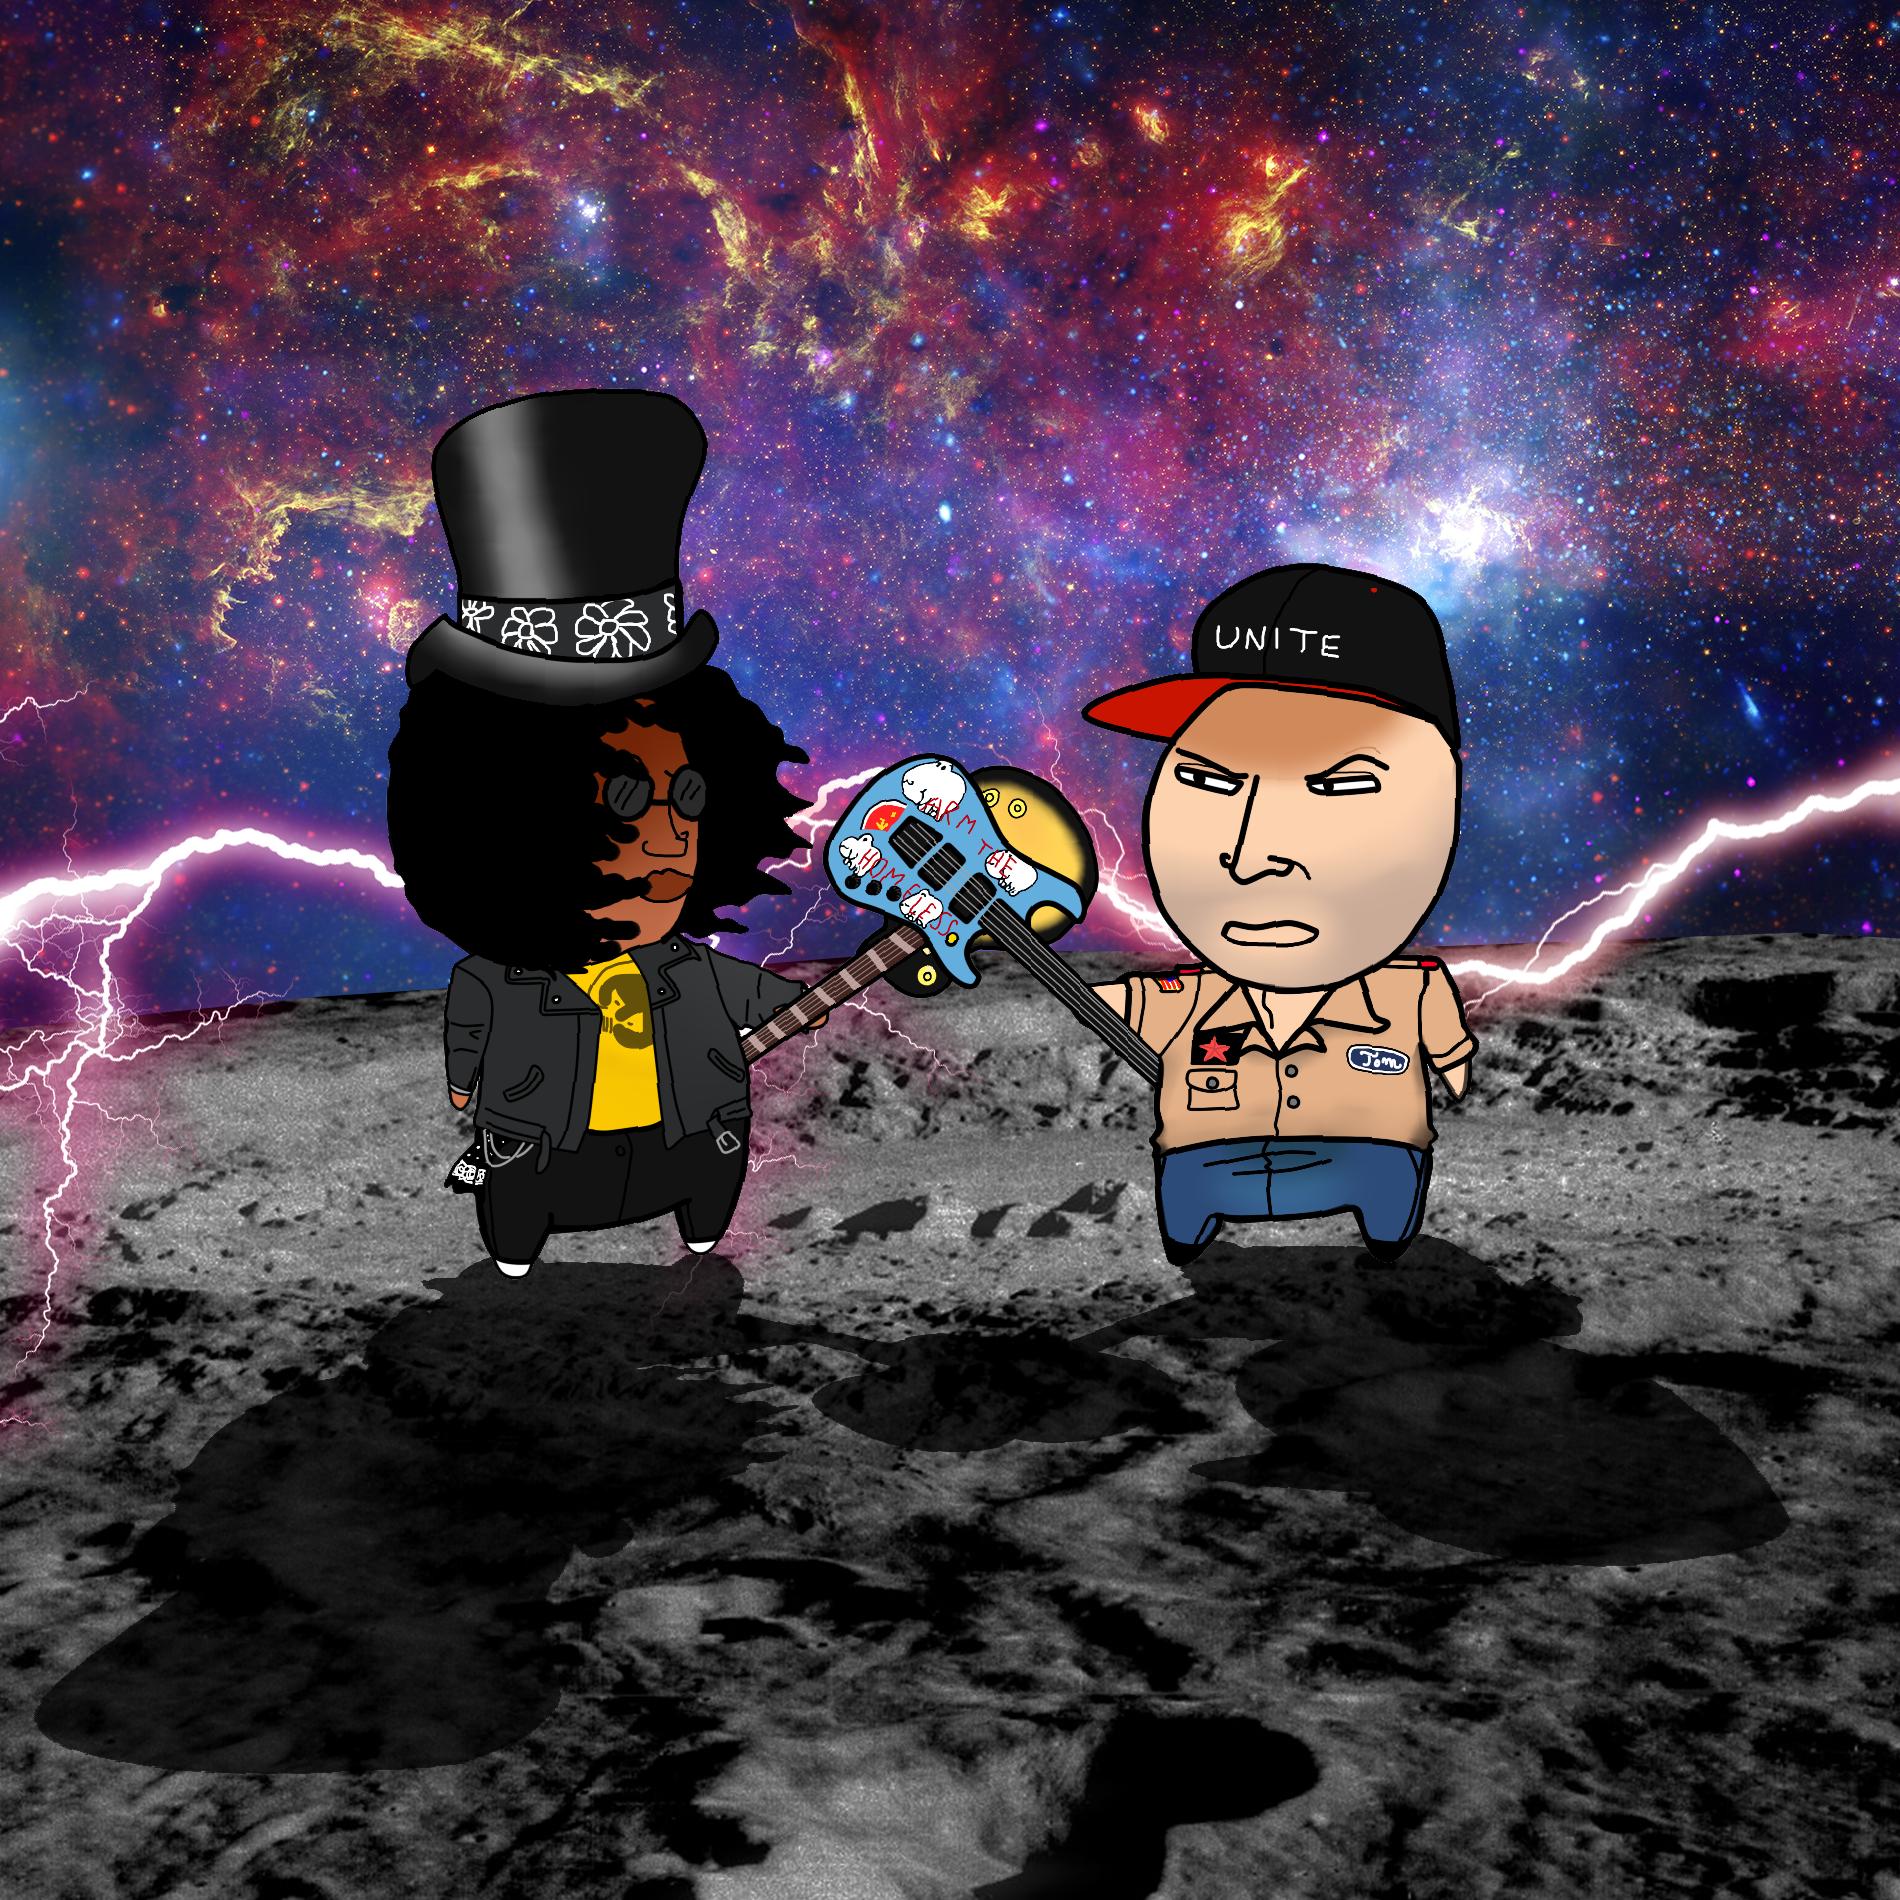 Slash vs Tom Morello by sydneypamplona